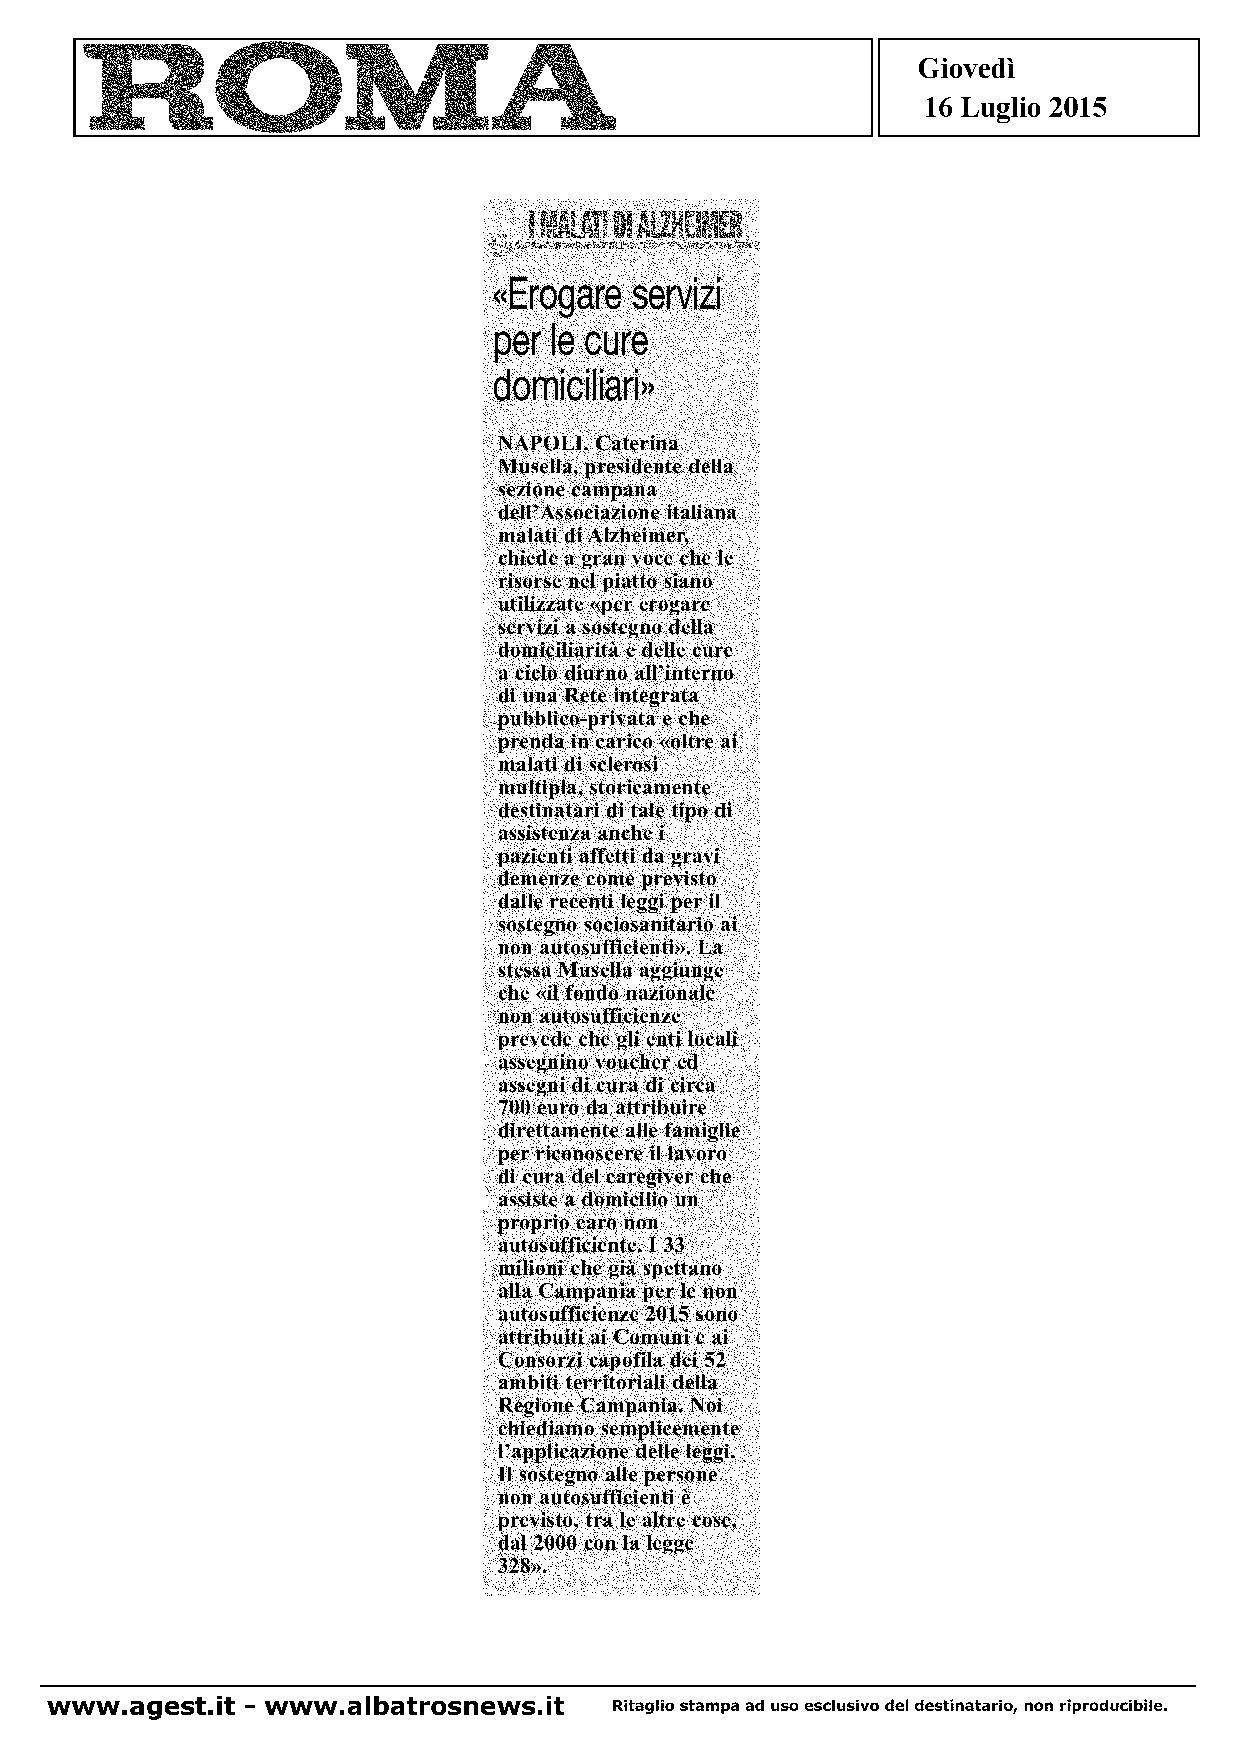 MALATI DI ALZHEIMER, EROGARE SERVZI PER LE CURE DOMICILIARI-page-001